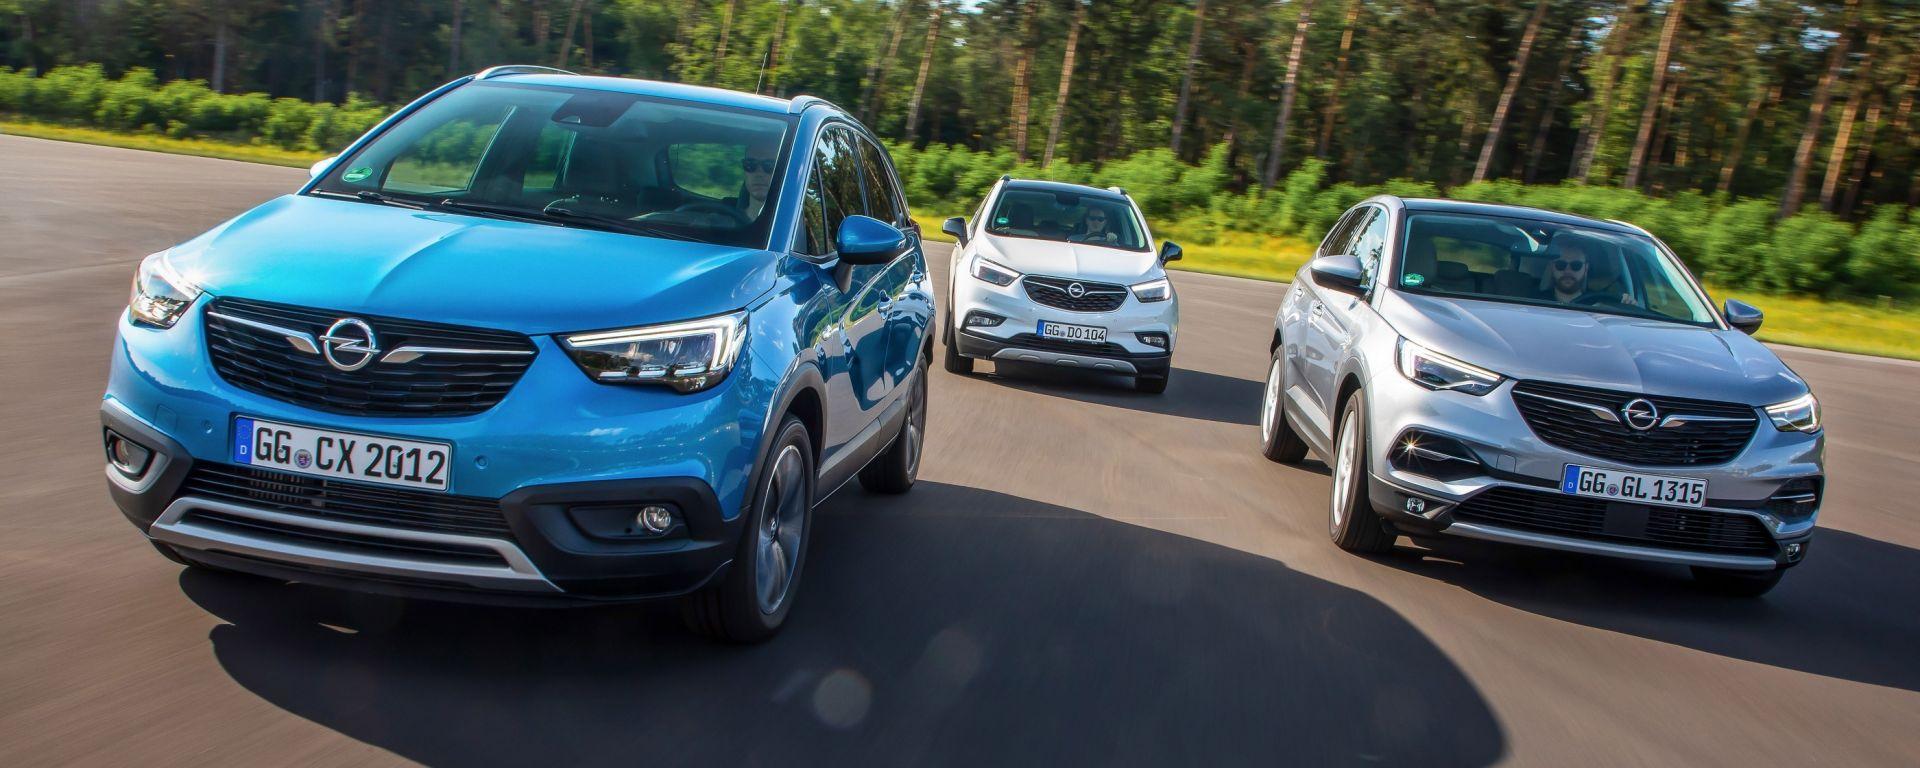 Opel a tutto SUV con la gamma X e i nuovi motori Euro 6d-TEMP